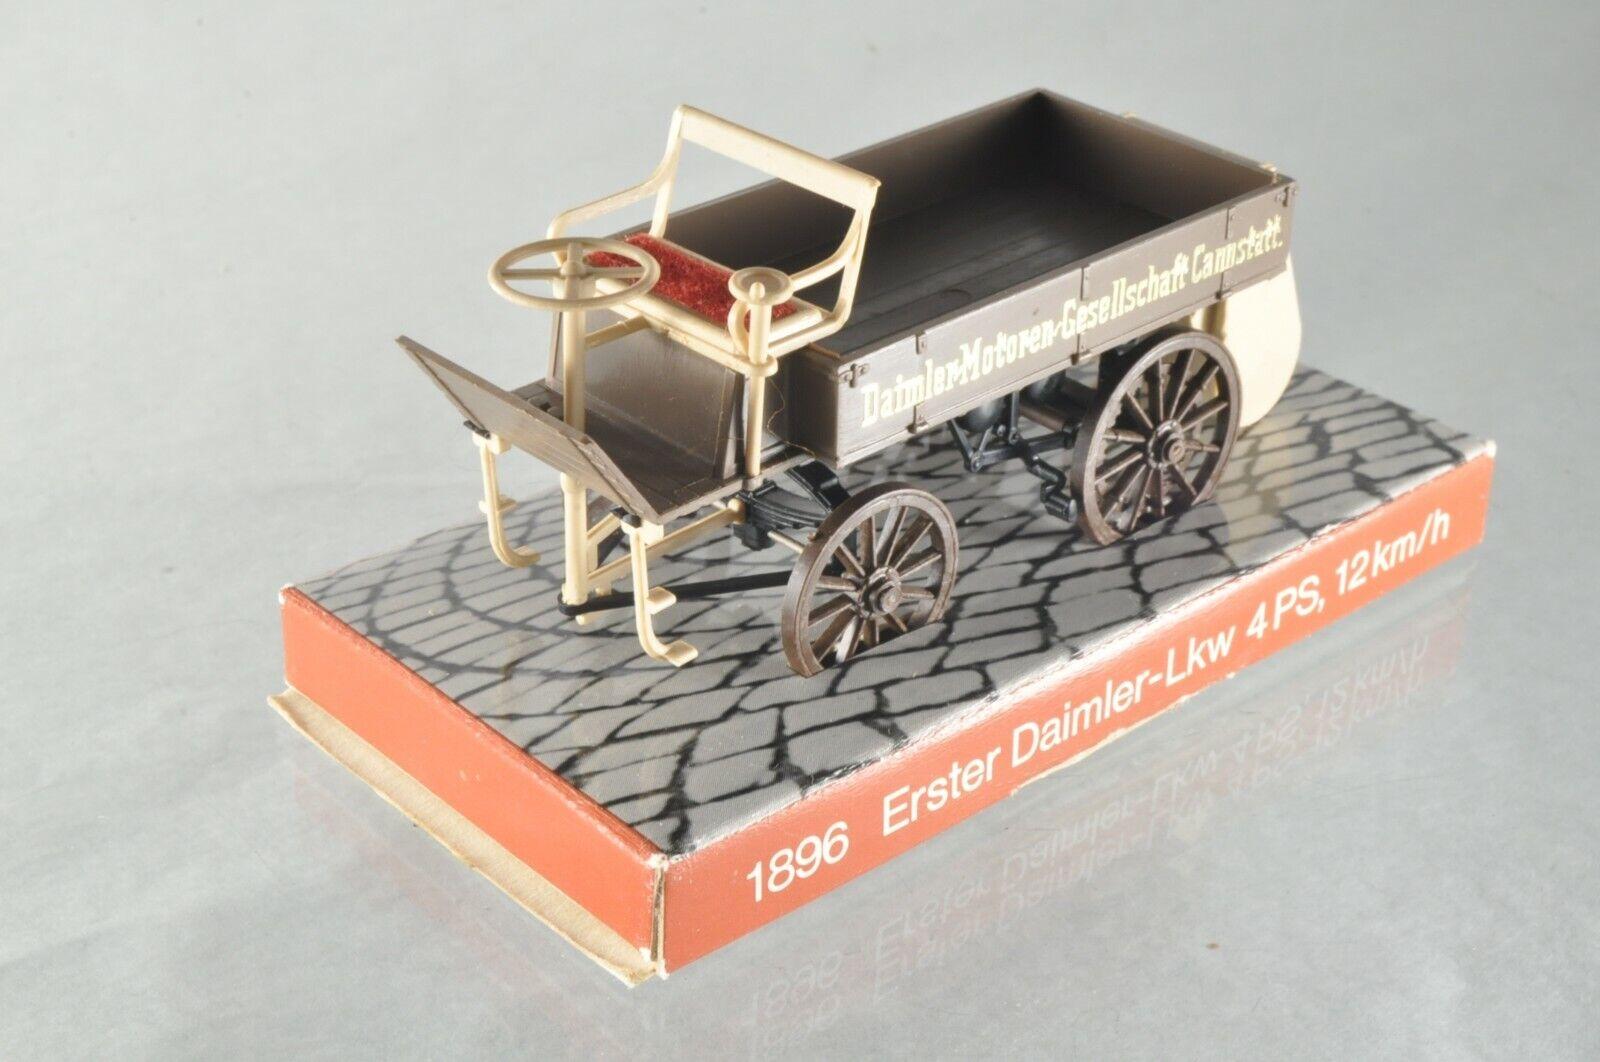 JS060 Cursor Modell 1:43 1896 Erster Daimler LKW 4PS 12km/h A+/b